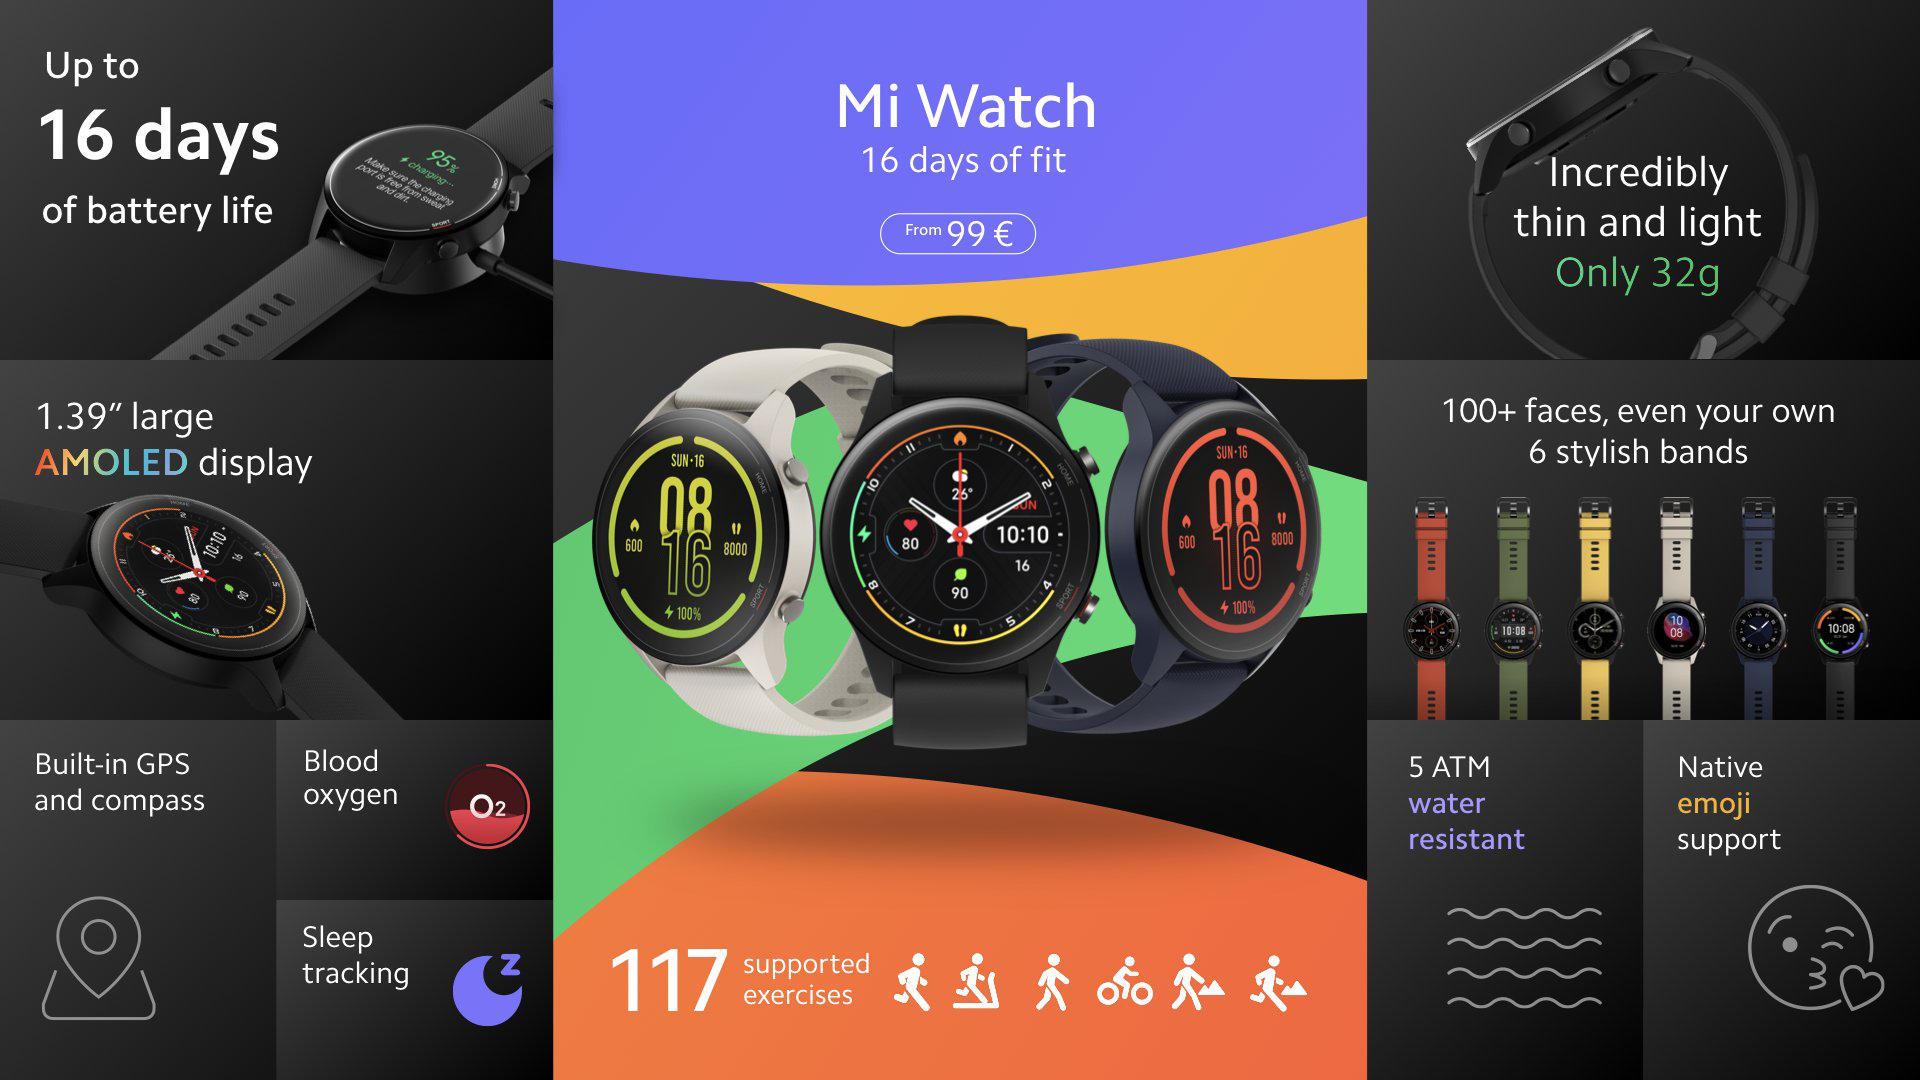 premiera Xiaomi Mi Watch cena global specyfikacja dane techniczne opinie funkcje gdzie kupić najtaniej w polsce